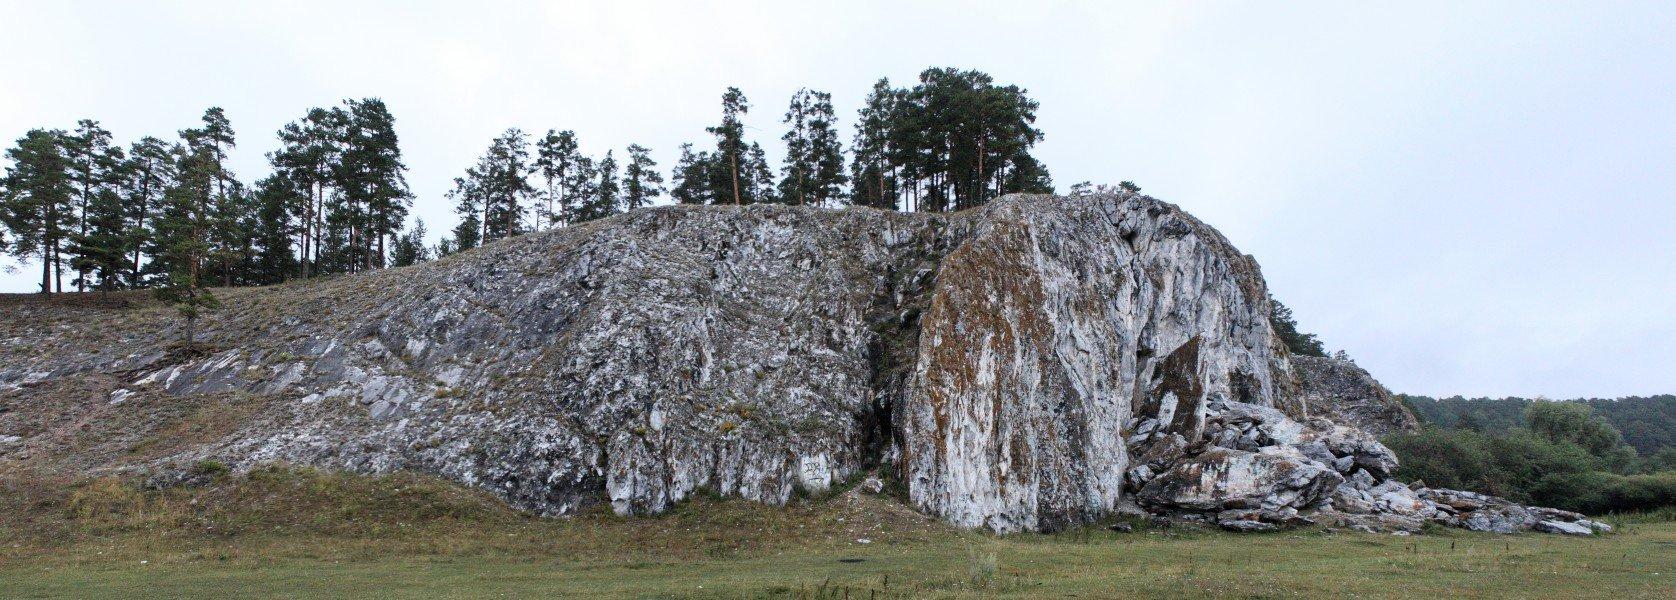 Скала Арский камень на р. Белая